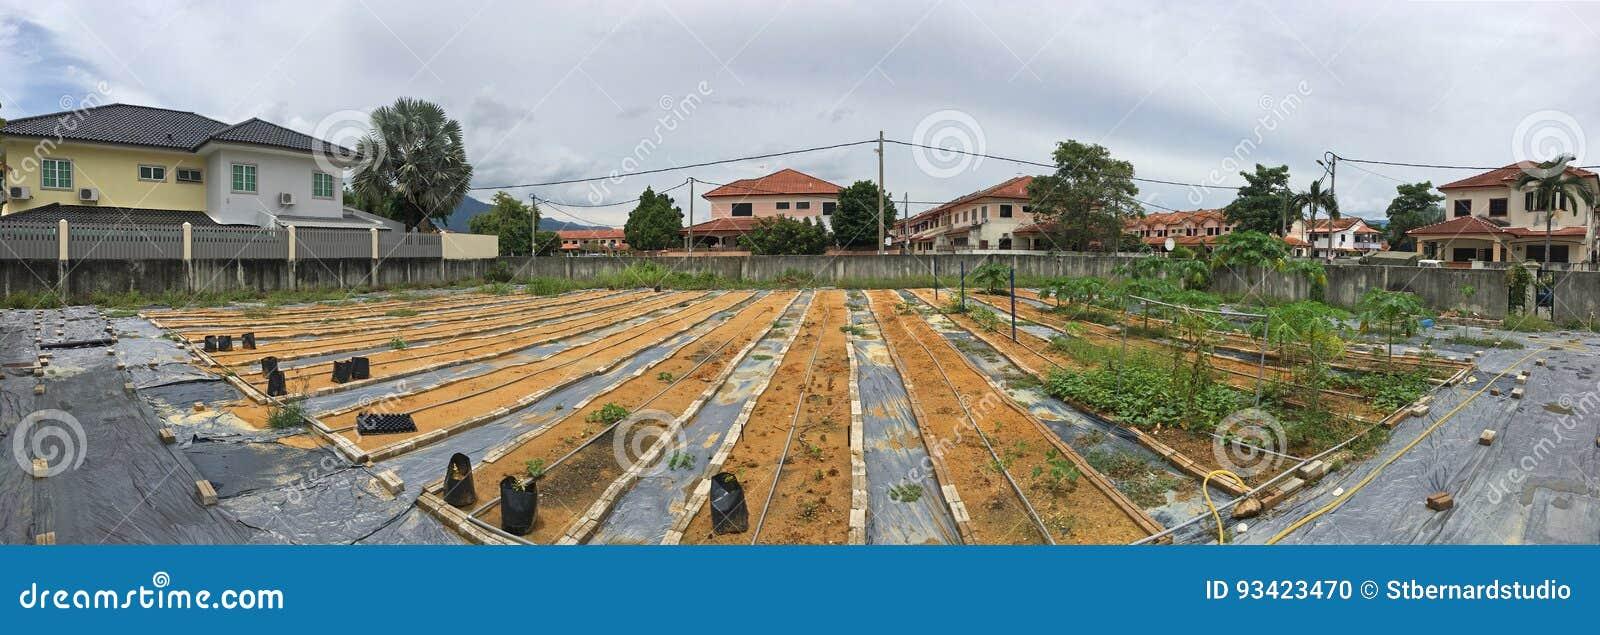 Crezca o mantenga nuestro propio jardín orgánico con las hierbas, las verduras y las frutas en compuesto de la casa